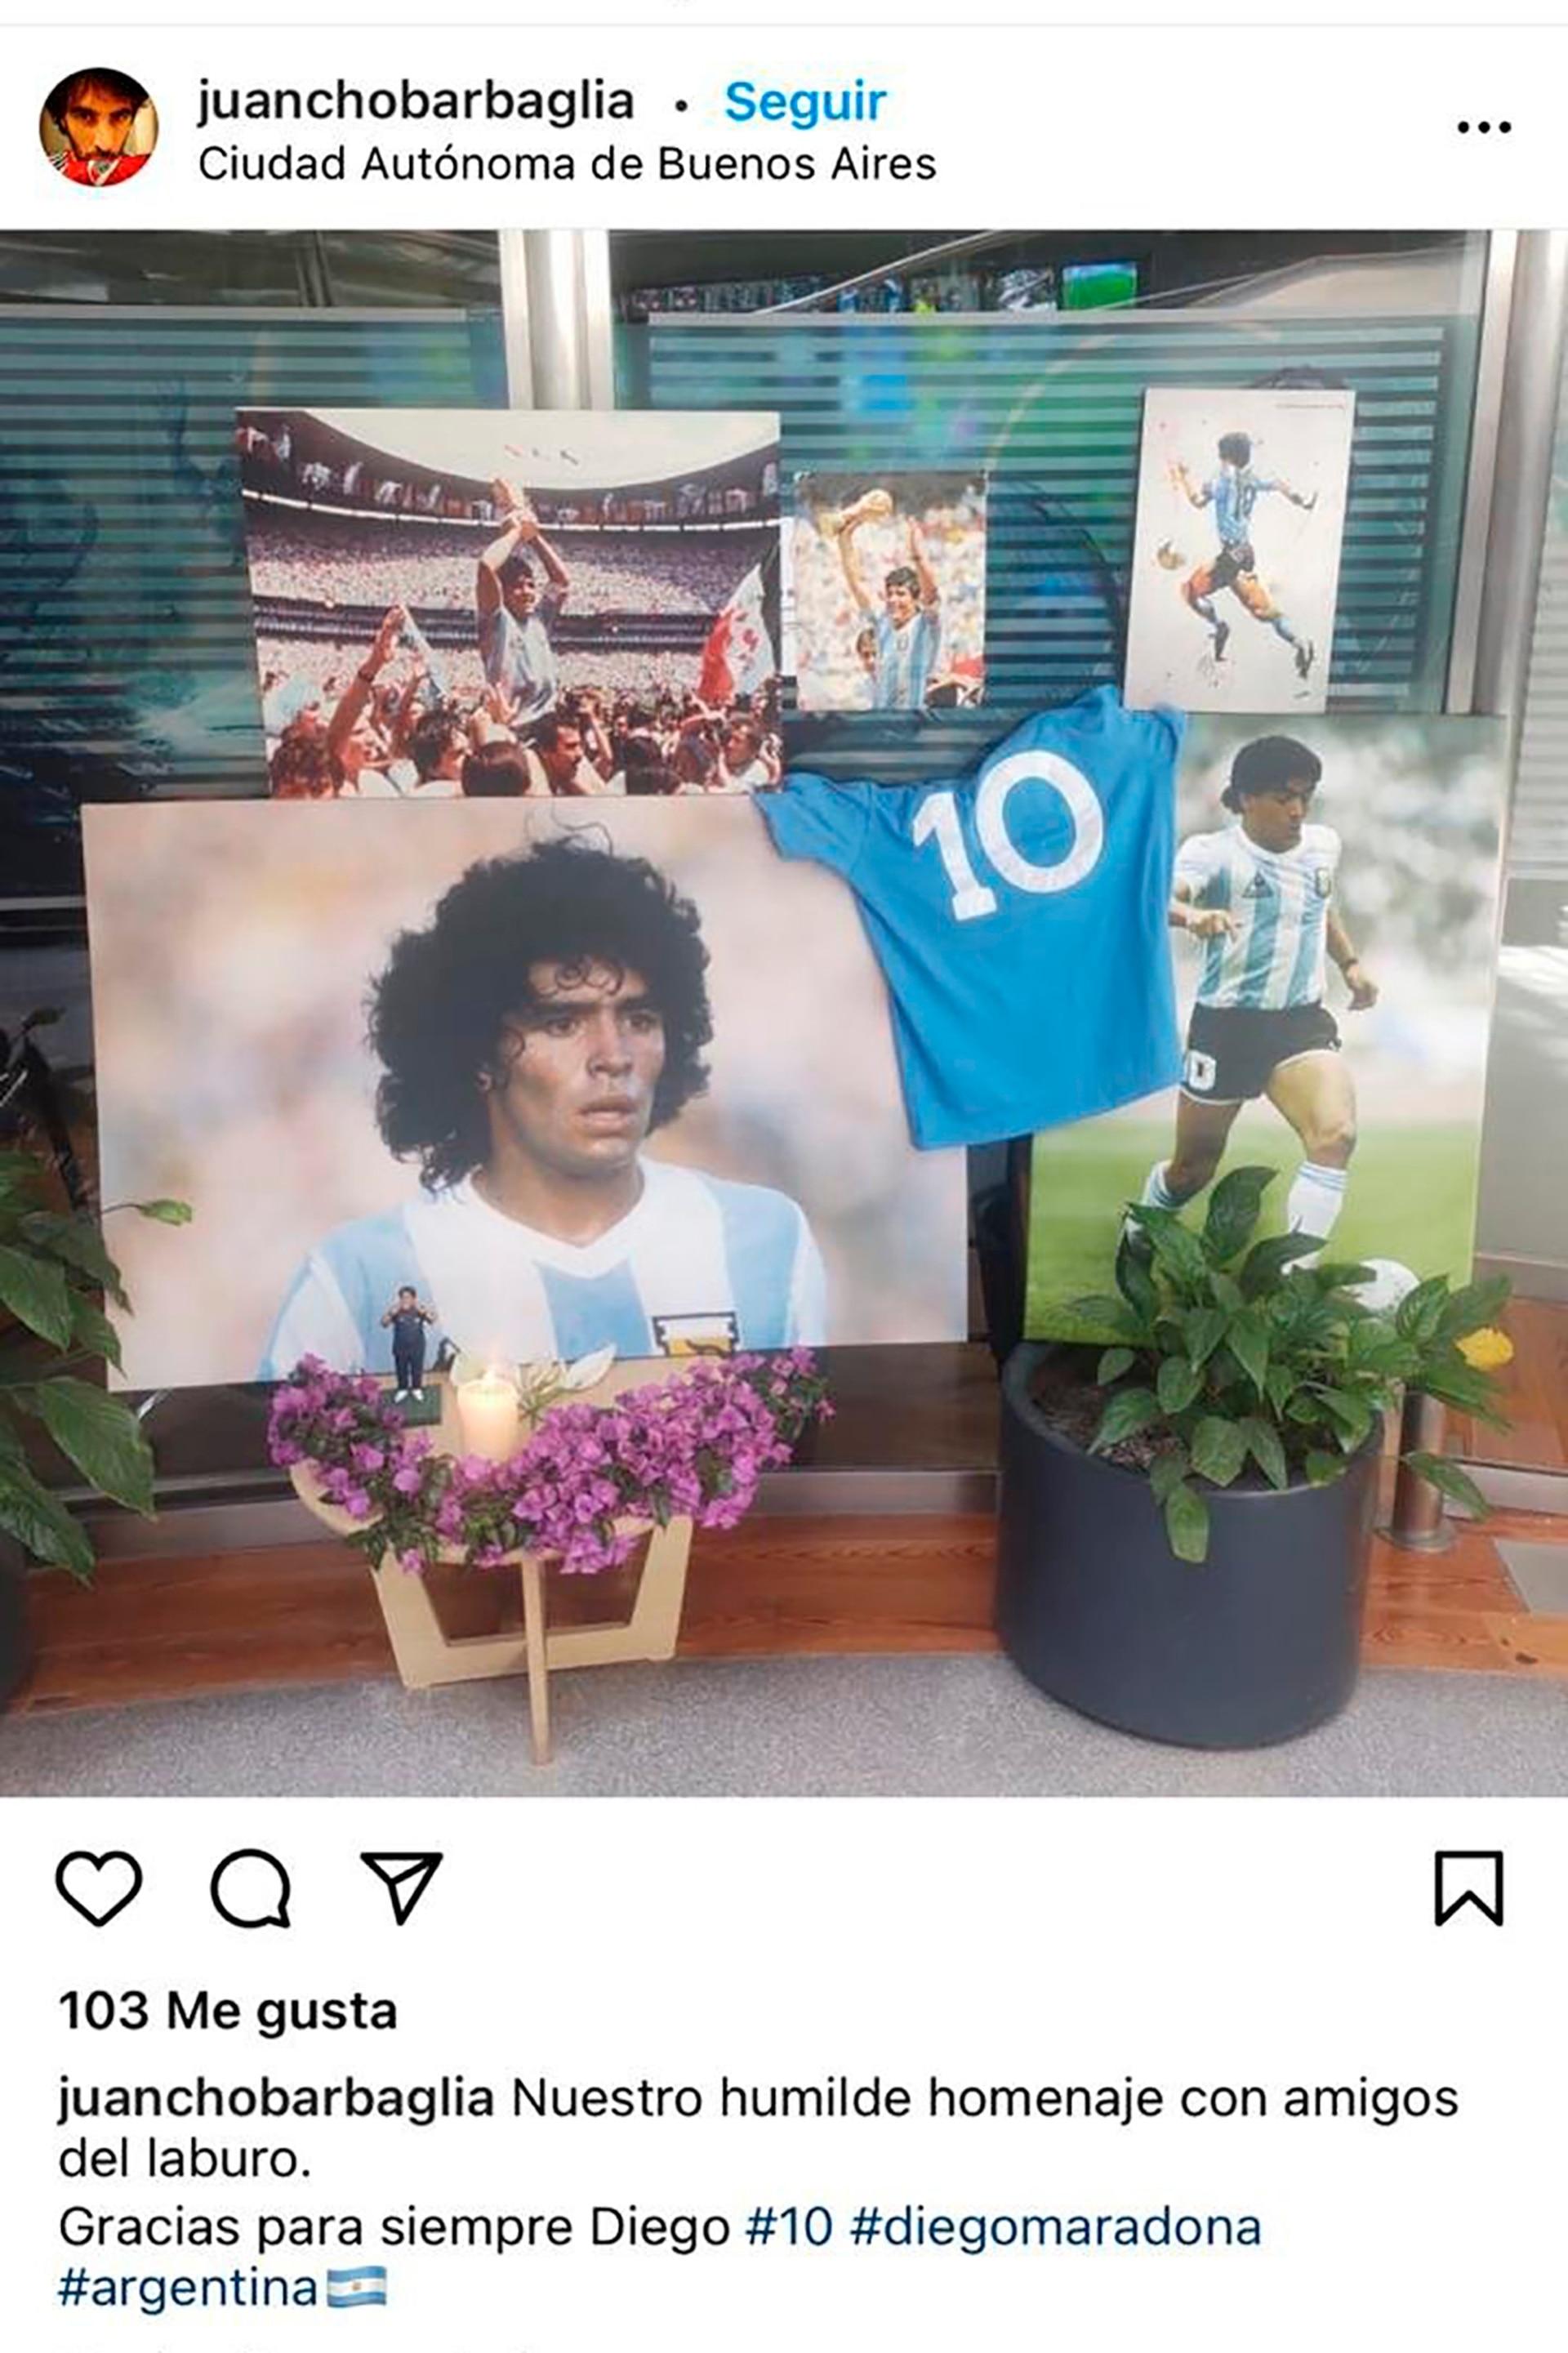 """@juanchobarbaglia: """"Nuestro humilde homenaje con amigos del laburo. Gracias para siempre Diego""""."""